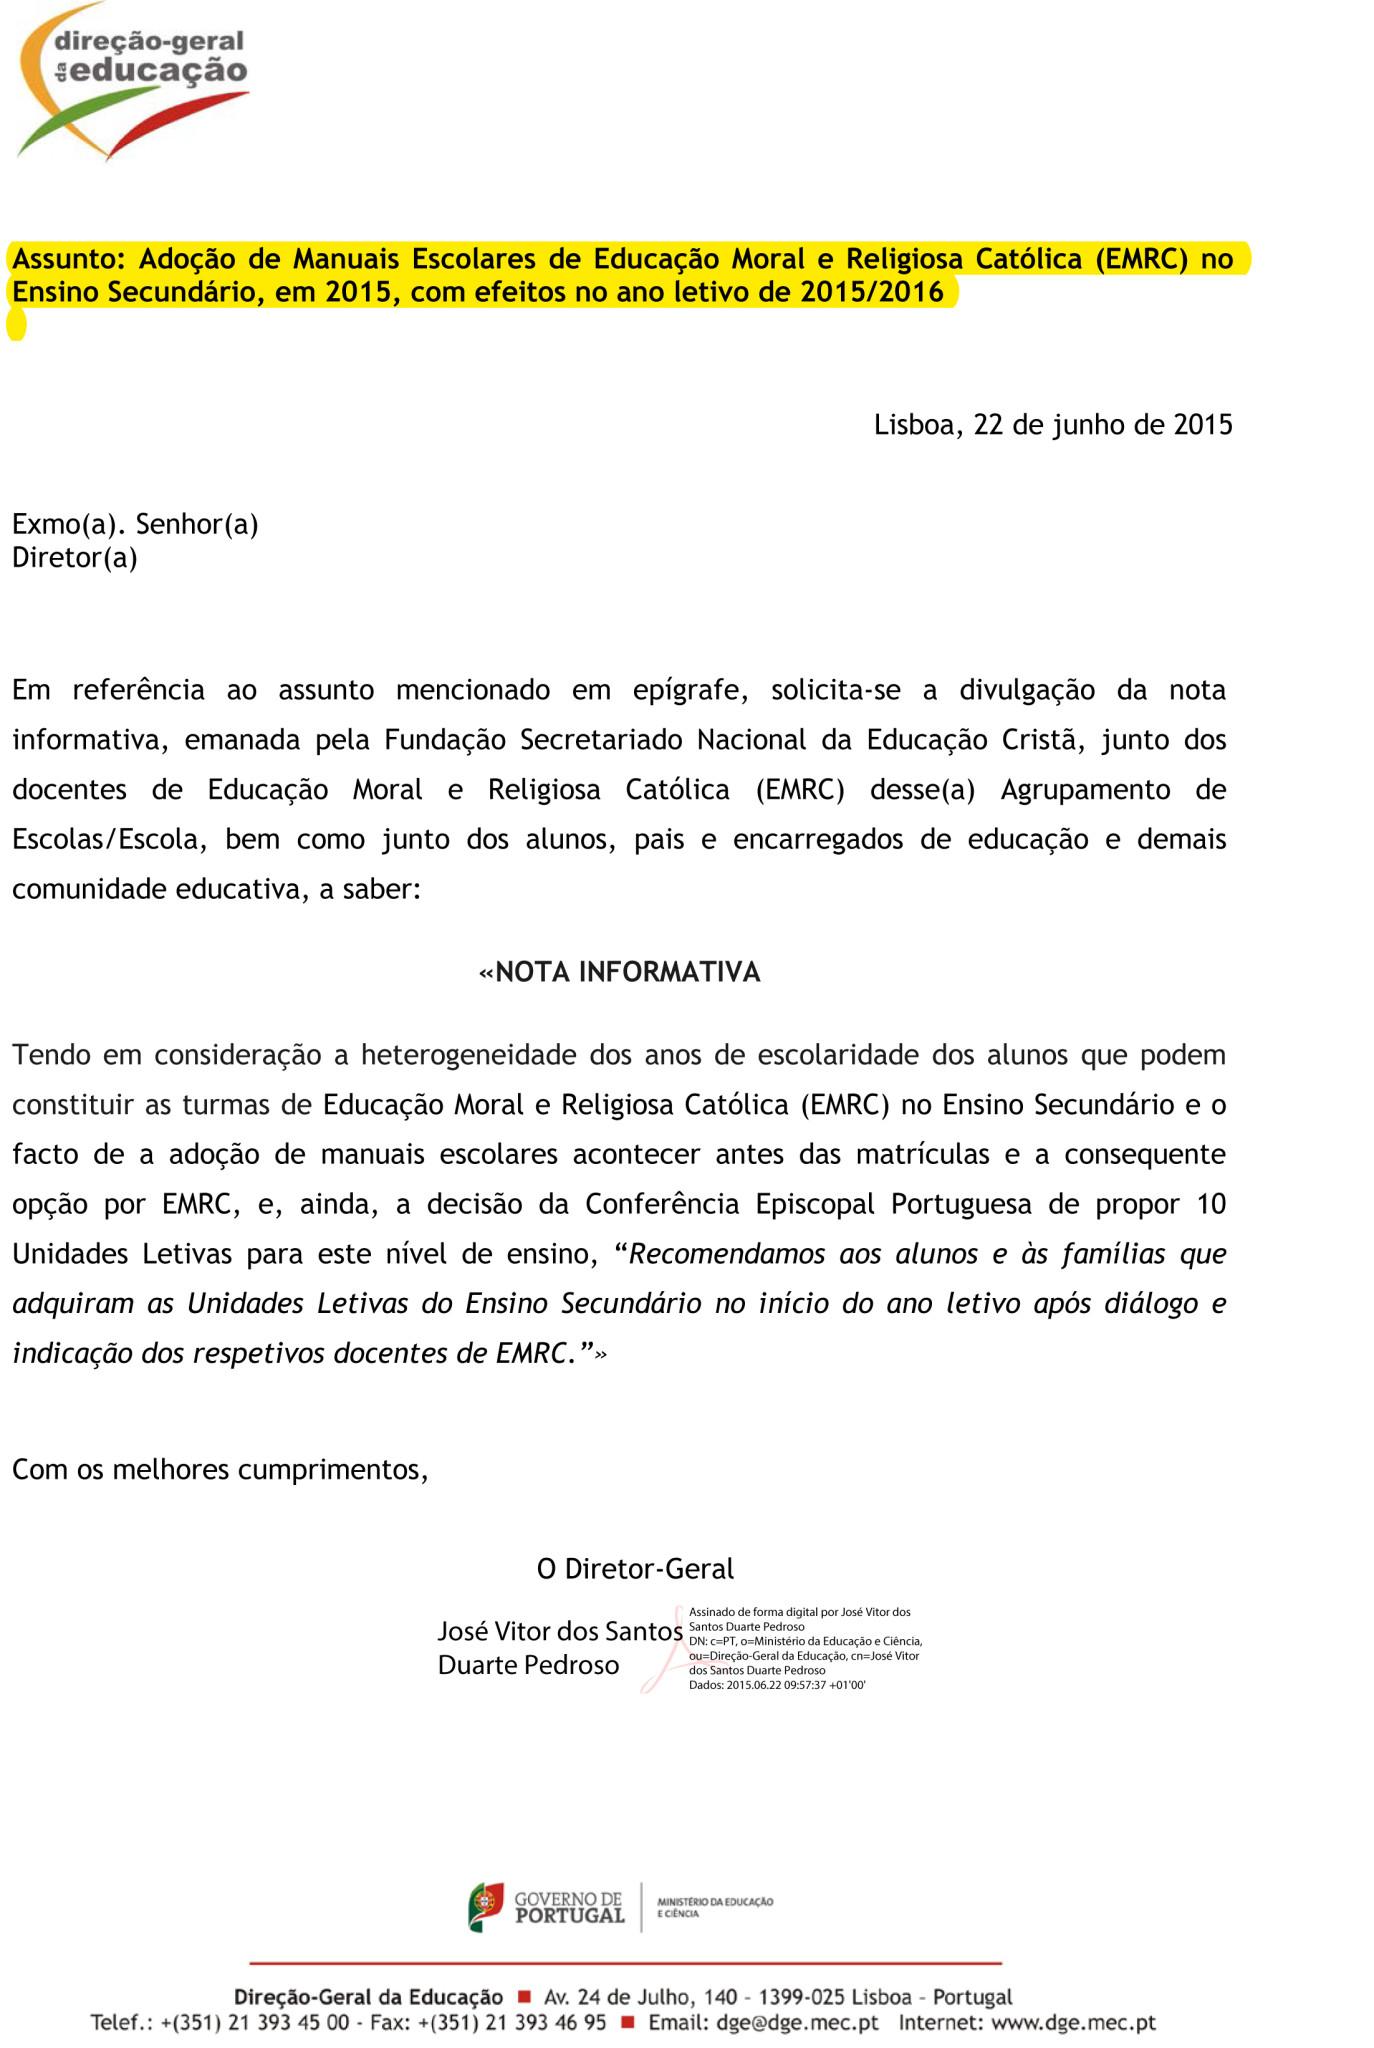 Adocao_Manuais_Escolares_EMRC